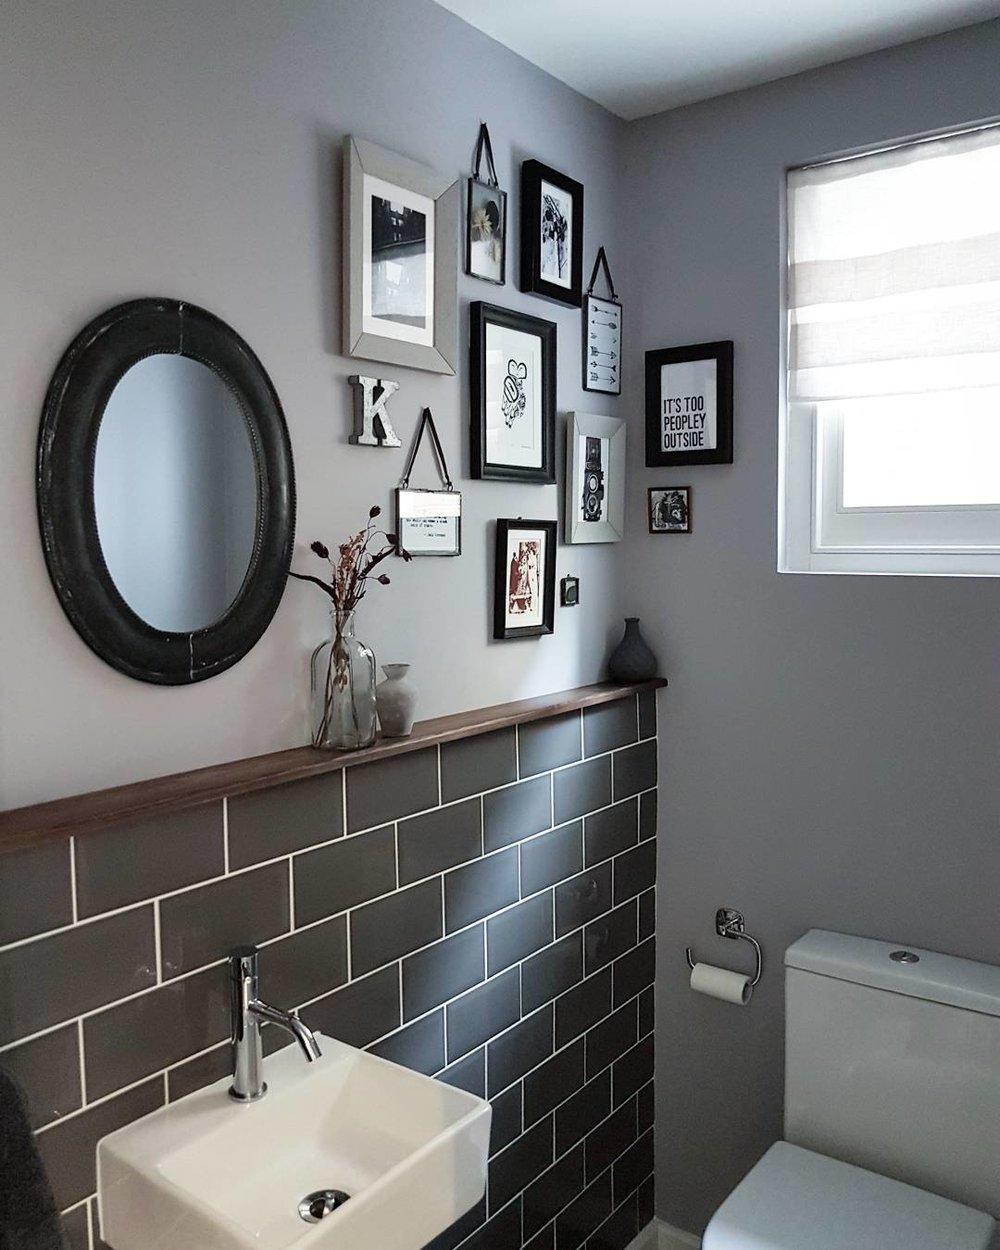 Wall paint - 'Welcome Dark' Little Greene ..... Tiles - Tons of Tiles ..... Mirror- Notonthehighstreet